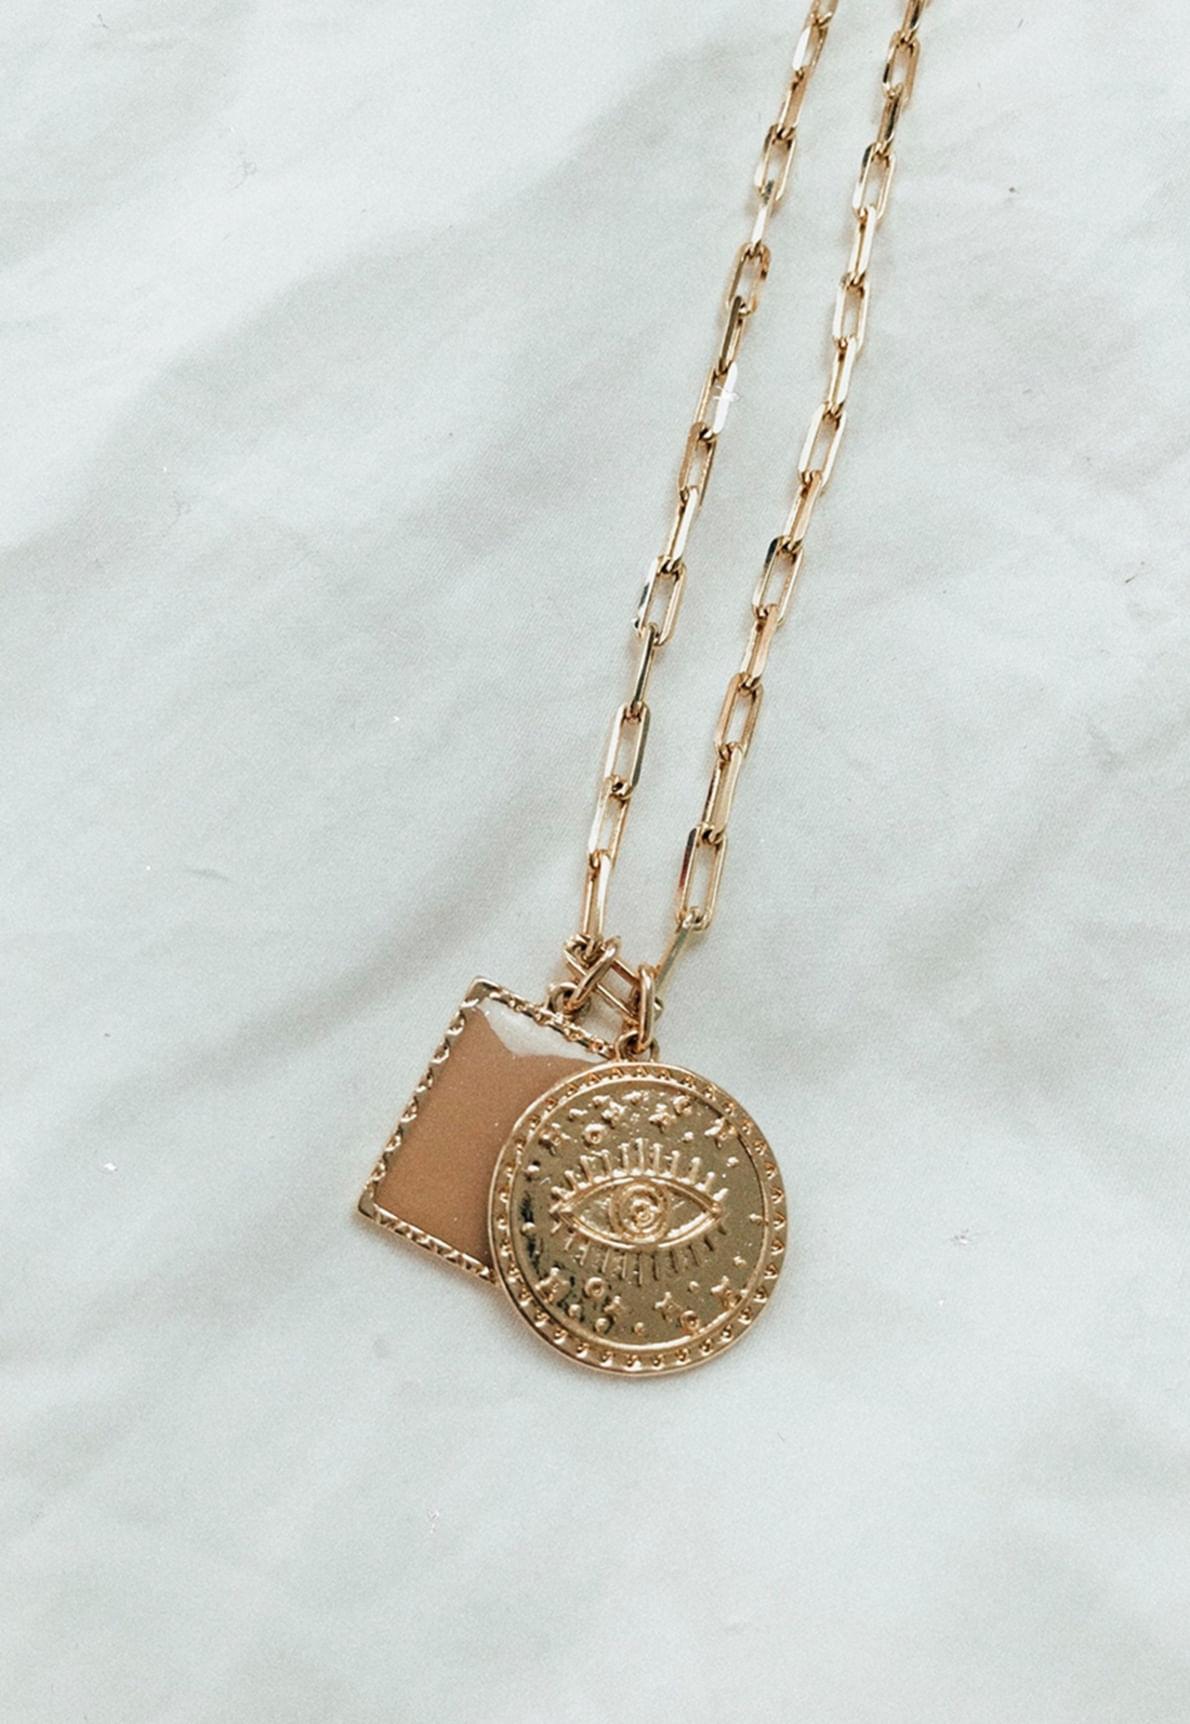 30787-colar-dourado-bonjour-mundo-lolita-02